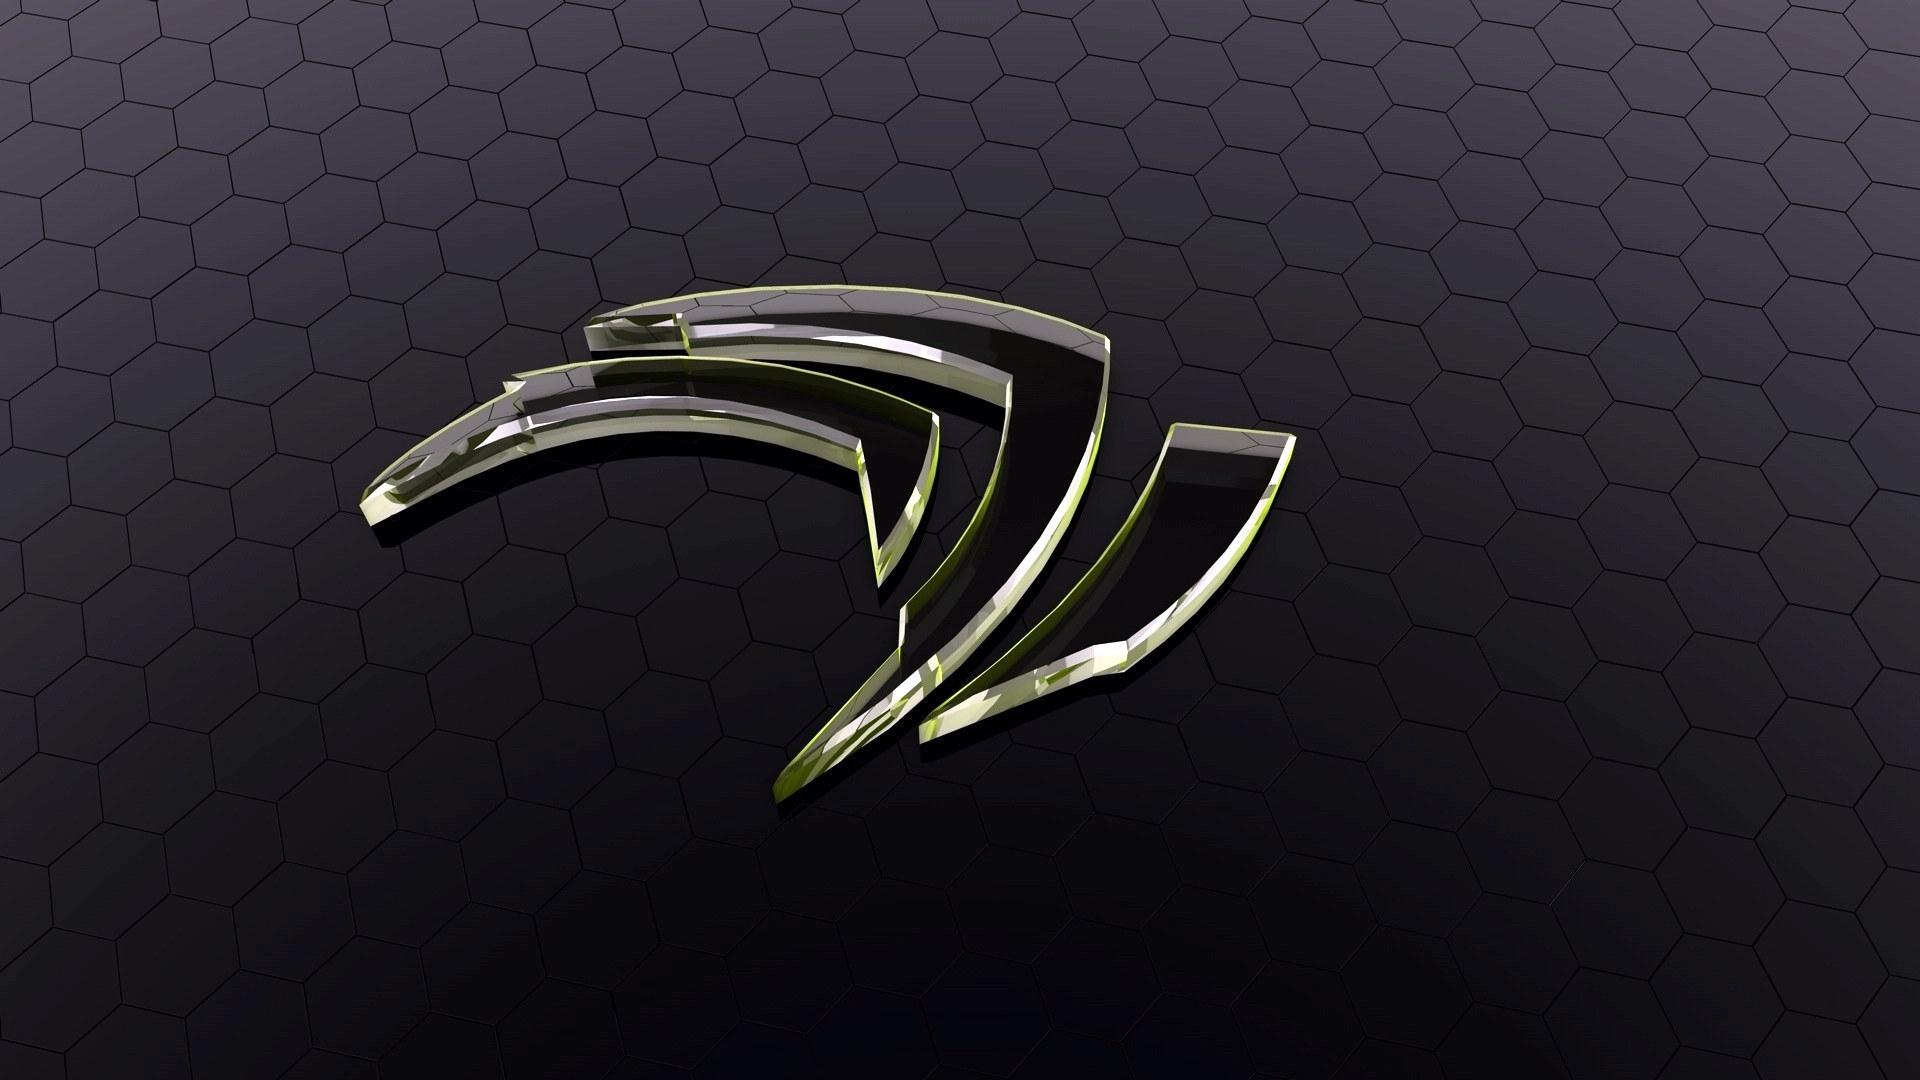 英伟达发布新专业显卡Quadro P6000